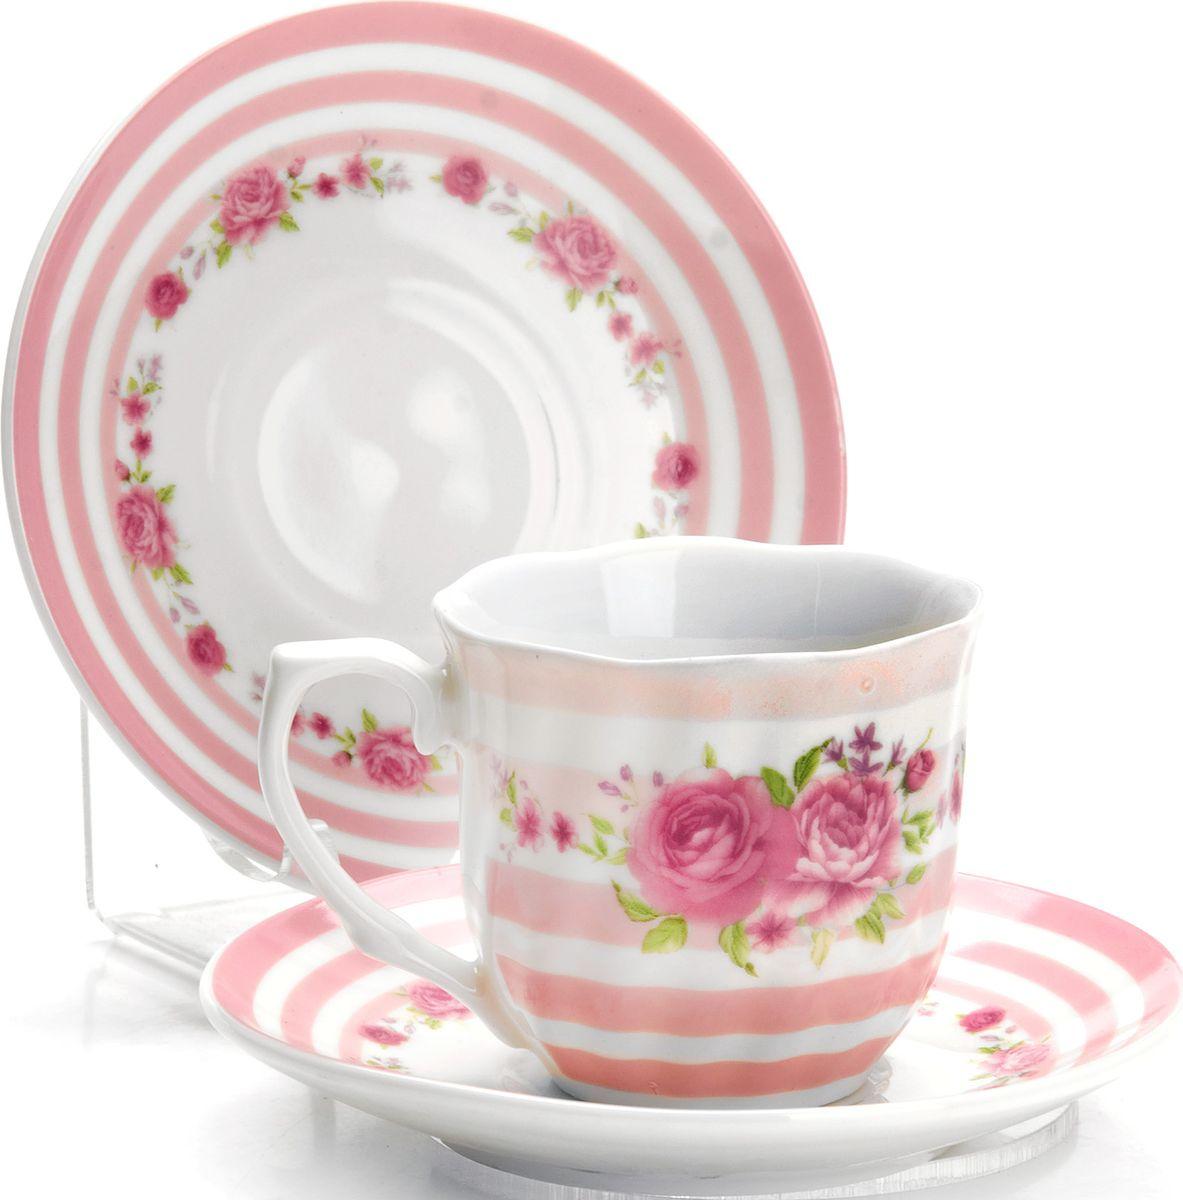 Набор кофейный Loraine, 12 предметов. 4332825956Кофейный сервиз на 6 персон изготовлен из качественного фарфора и оформлен красивым цветочным рисунком. Элегантный и удобный кофейный сервиз не только украсит сервировку стола, но и поднимет настроение и превратит процесс чаепития в одно удовольствие.Сервиз состоит из 12 предметов: шести чашек и шести блюдец, упакованных в подарочную коробку. Чашки имеют удобную, изящную ручку. Изделия легко и просто мыть. Кофейный сервиз прекрасно подойдет в качестве подарка для родных и друзей на любой праздник!Диаметр чашки: 6 см.Высота чашки: 5,5 см.Объем чашки: 80 мл.Диаметр блюдца: 11 см.